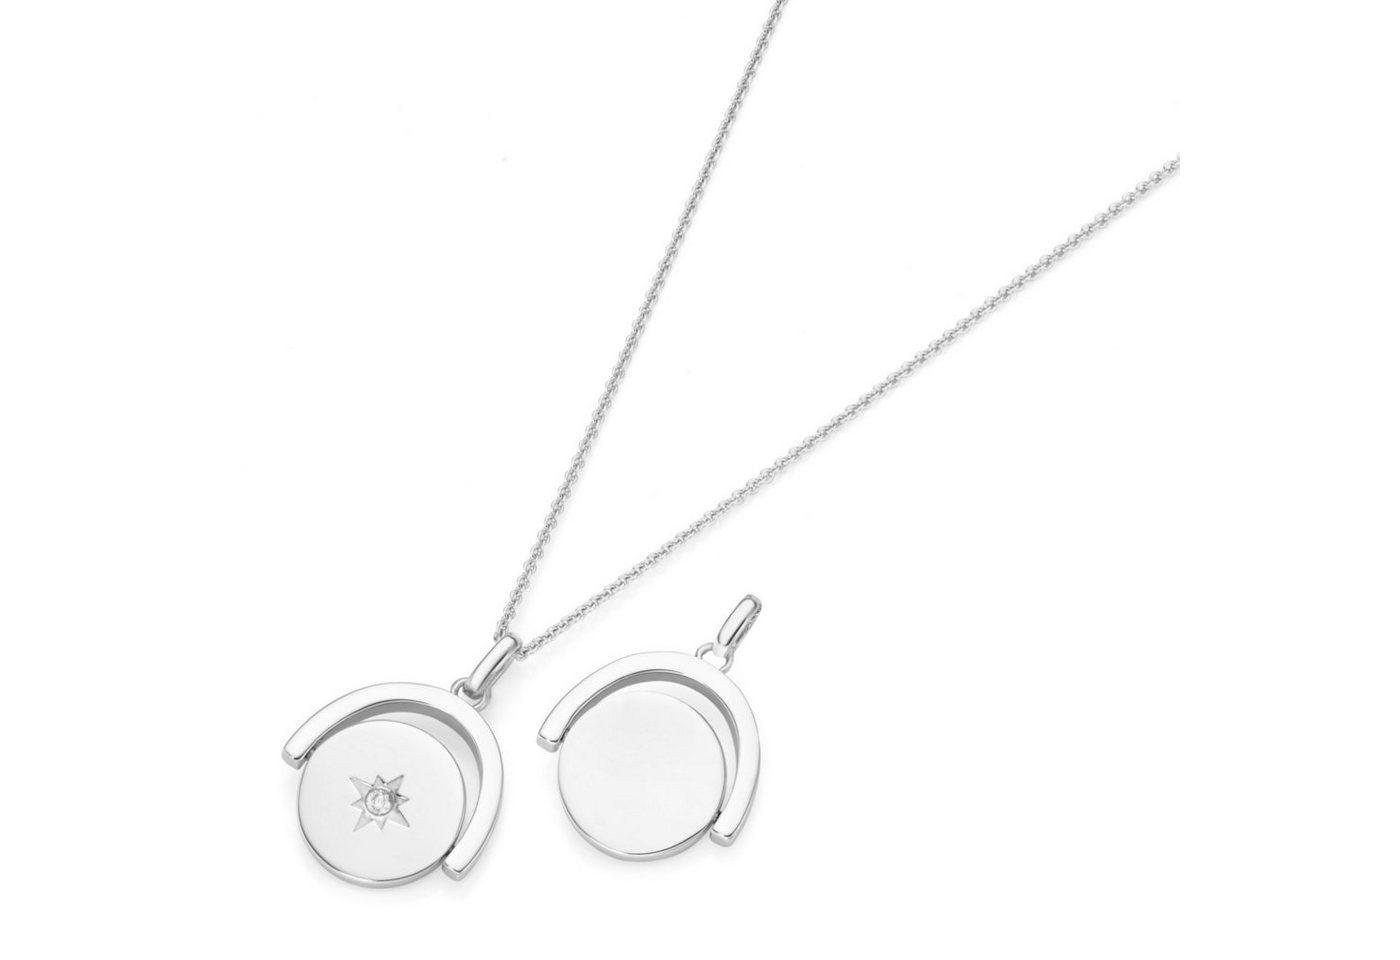 Smart Jewel Kette mit Anhänger mit Gravur »Gravurplatte zum drehen mit Stern und Zirkonia«   Schmuck > Halsketten > Ketten mit Gravur   Weiß   Smart Jewel